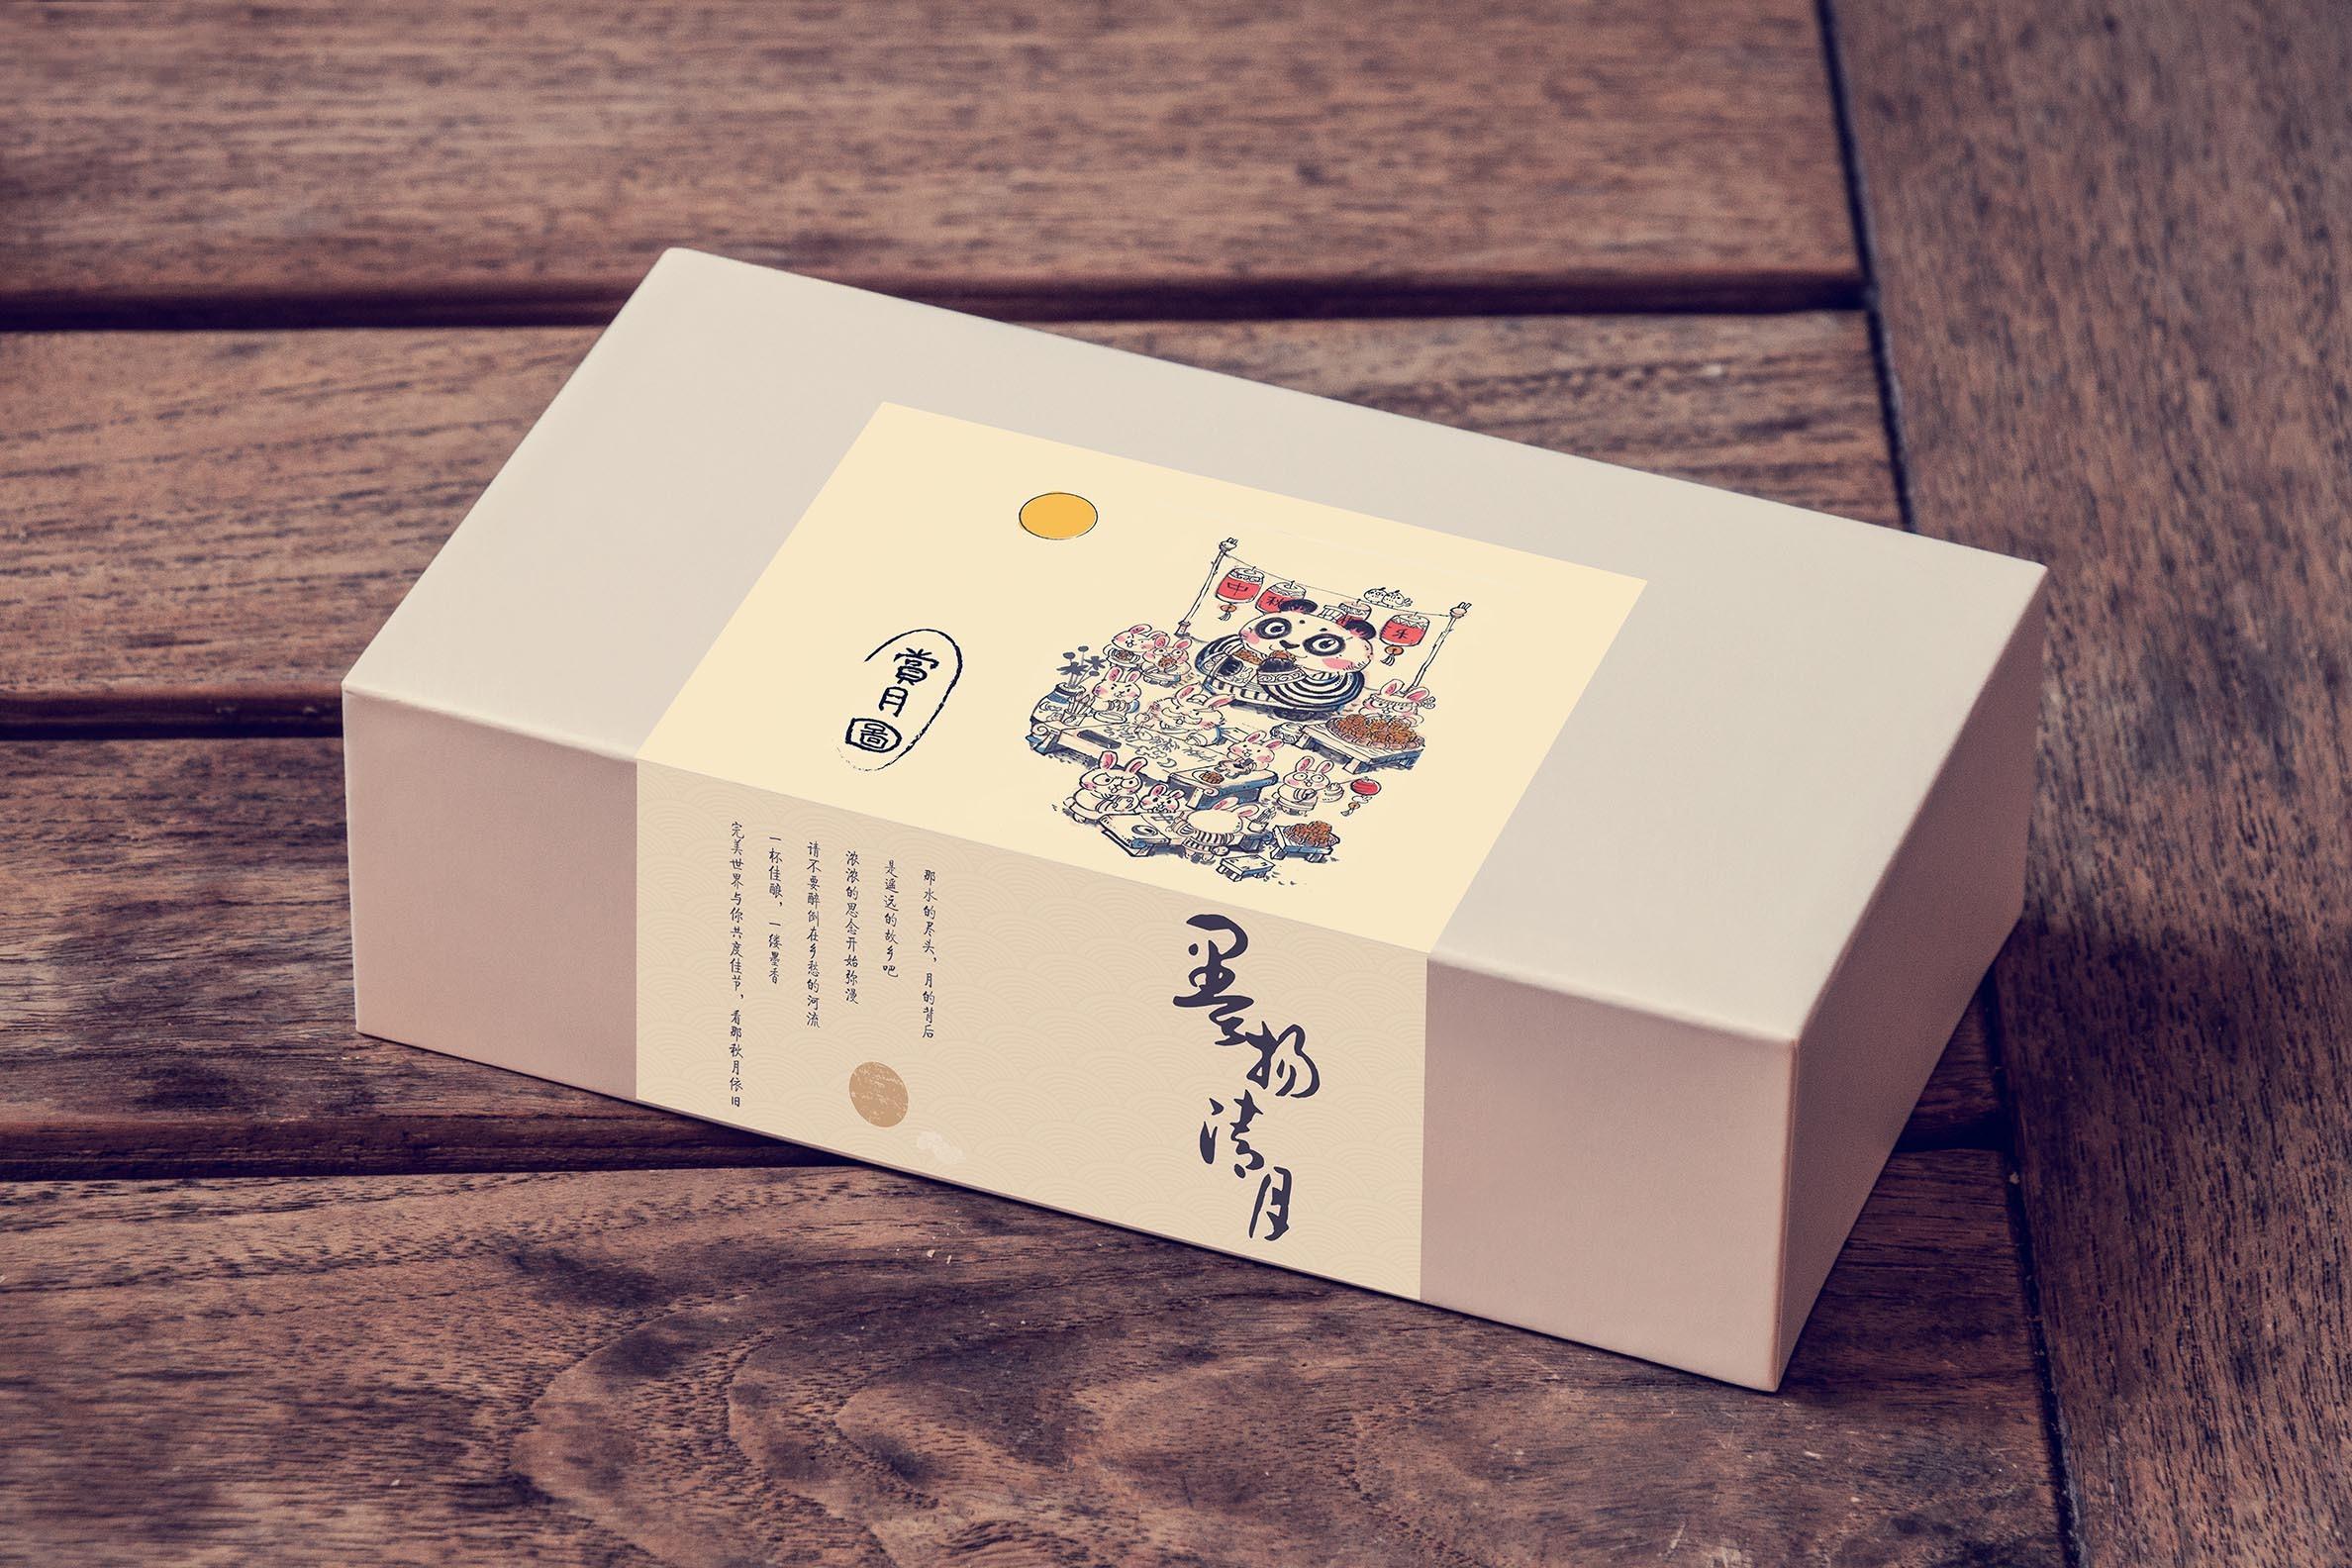 中秋礼品|平面|包装|ddcao - 原创作品 - 站酷 (zcool)图片